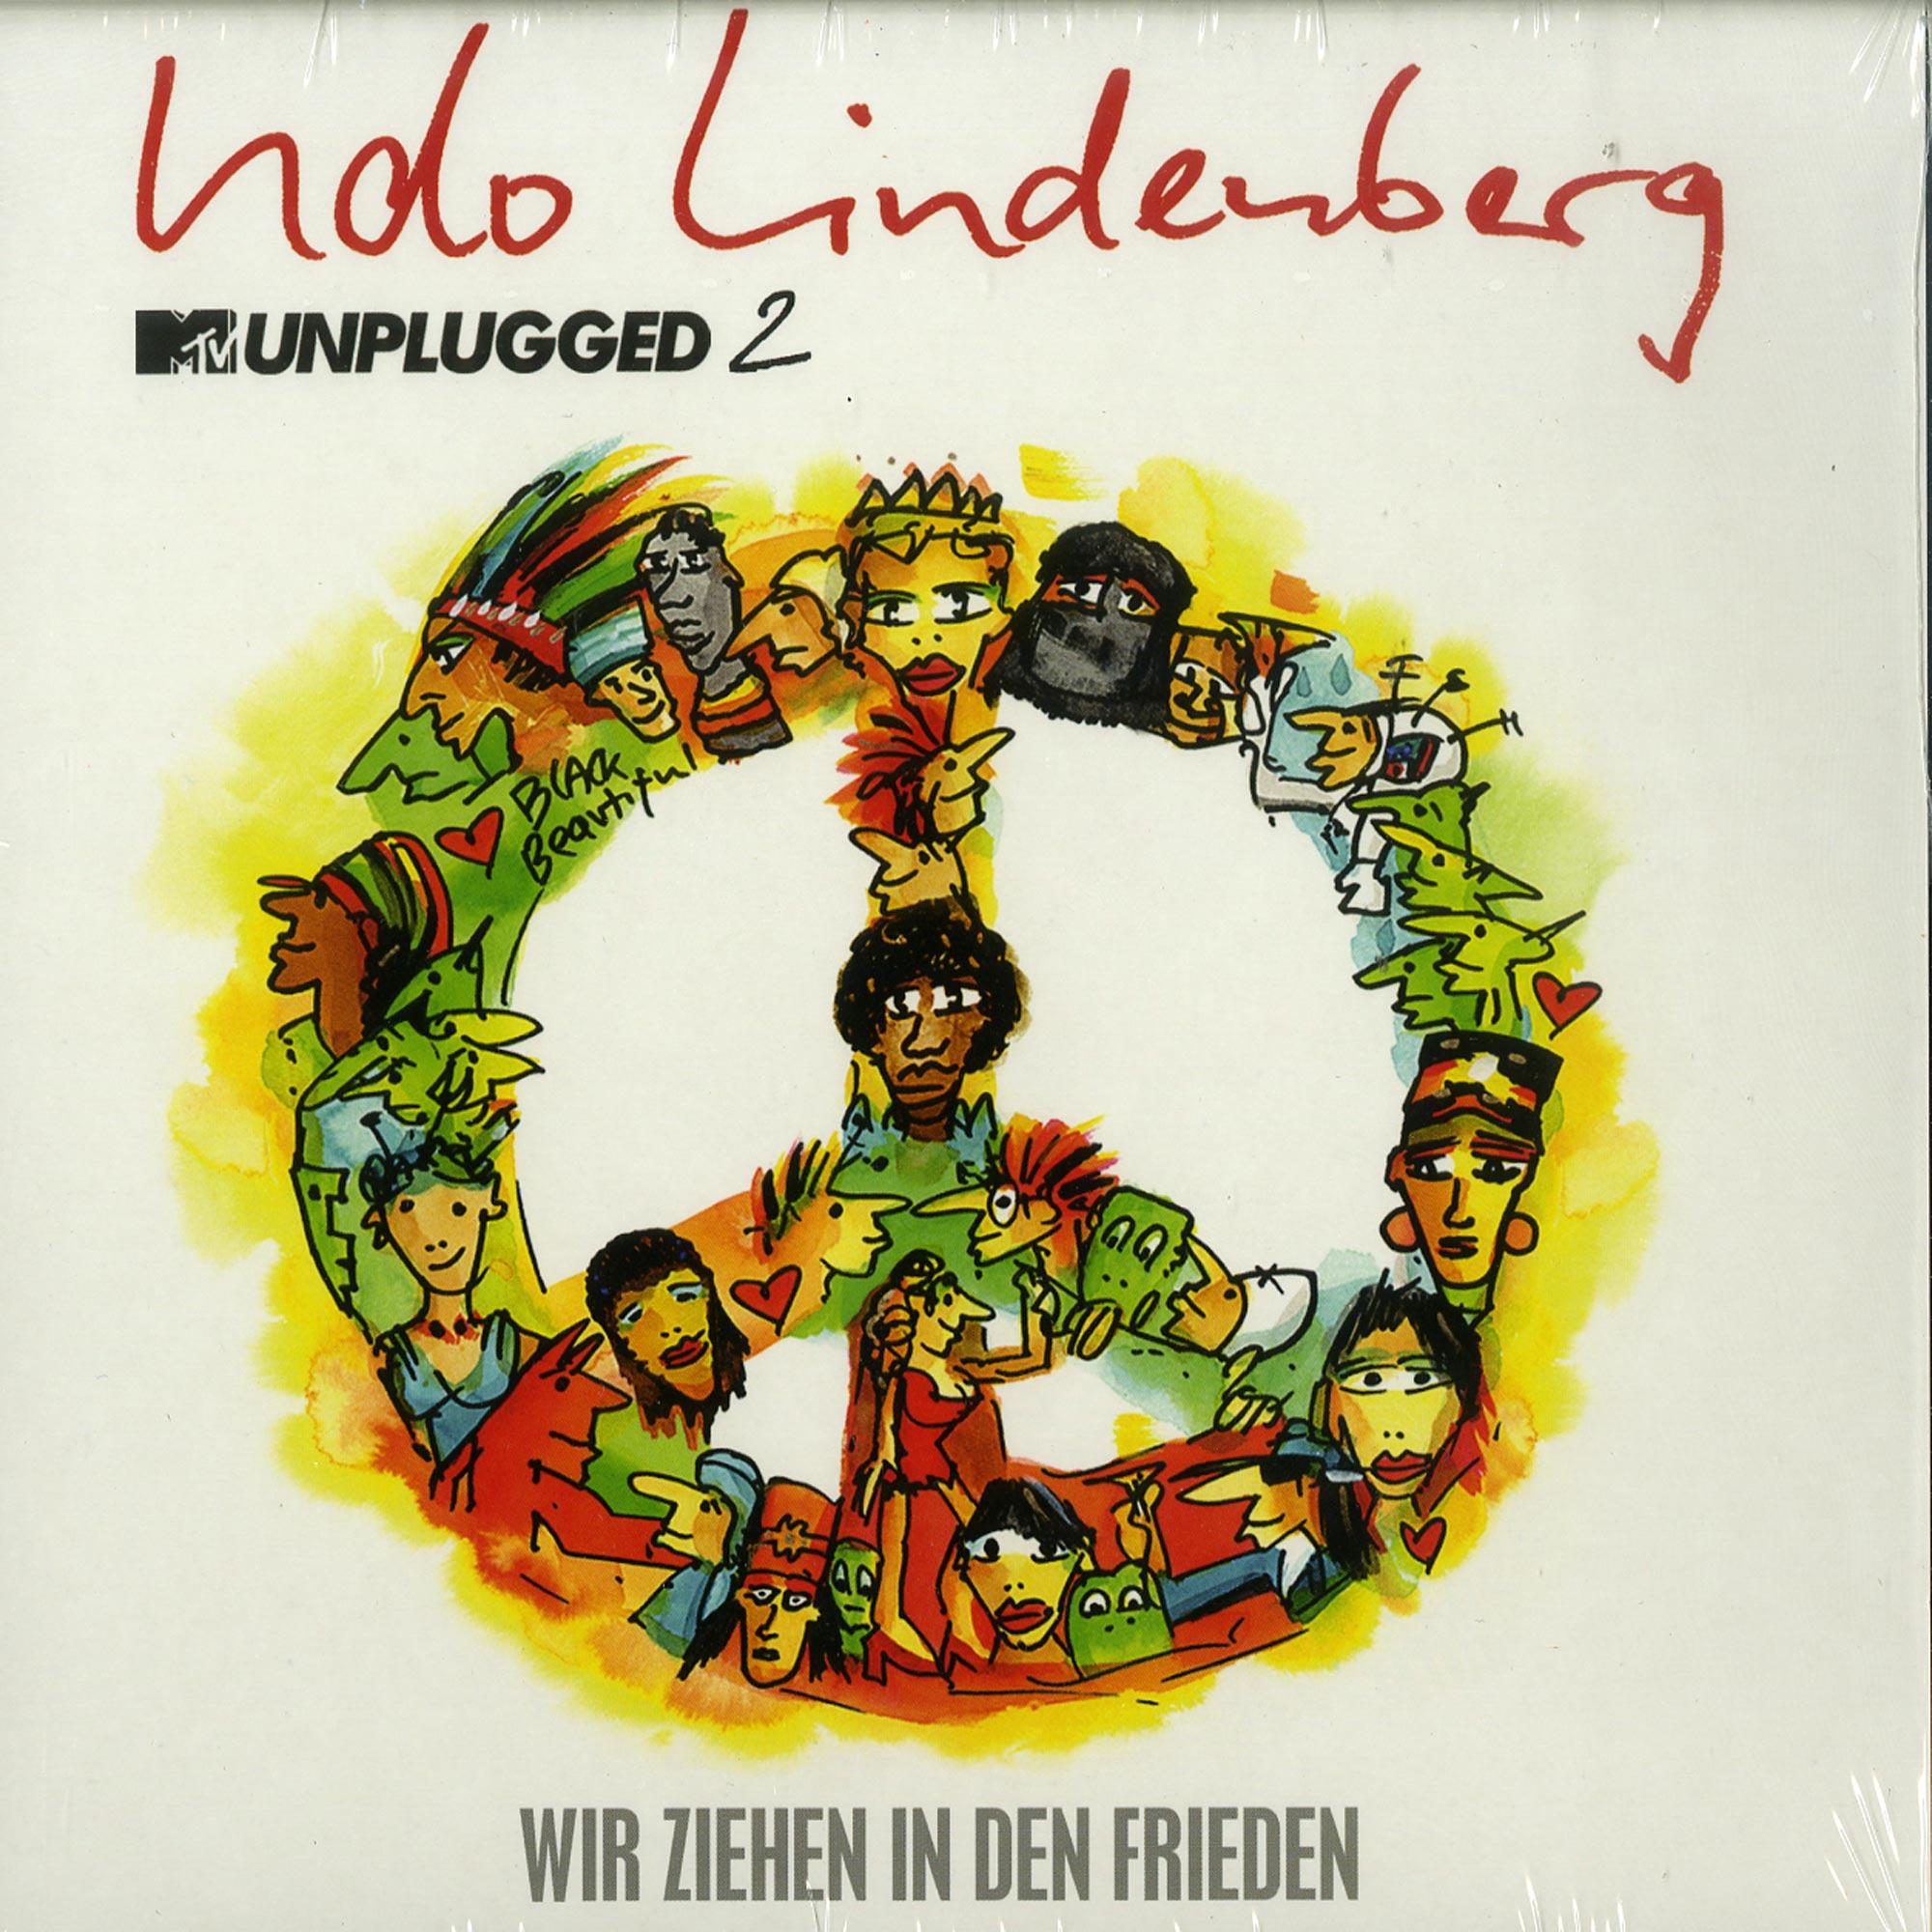 Udo Lindenberg - WIR ZIEHEN IN DEN FRIEDEN